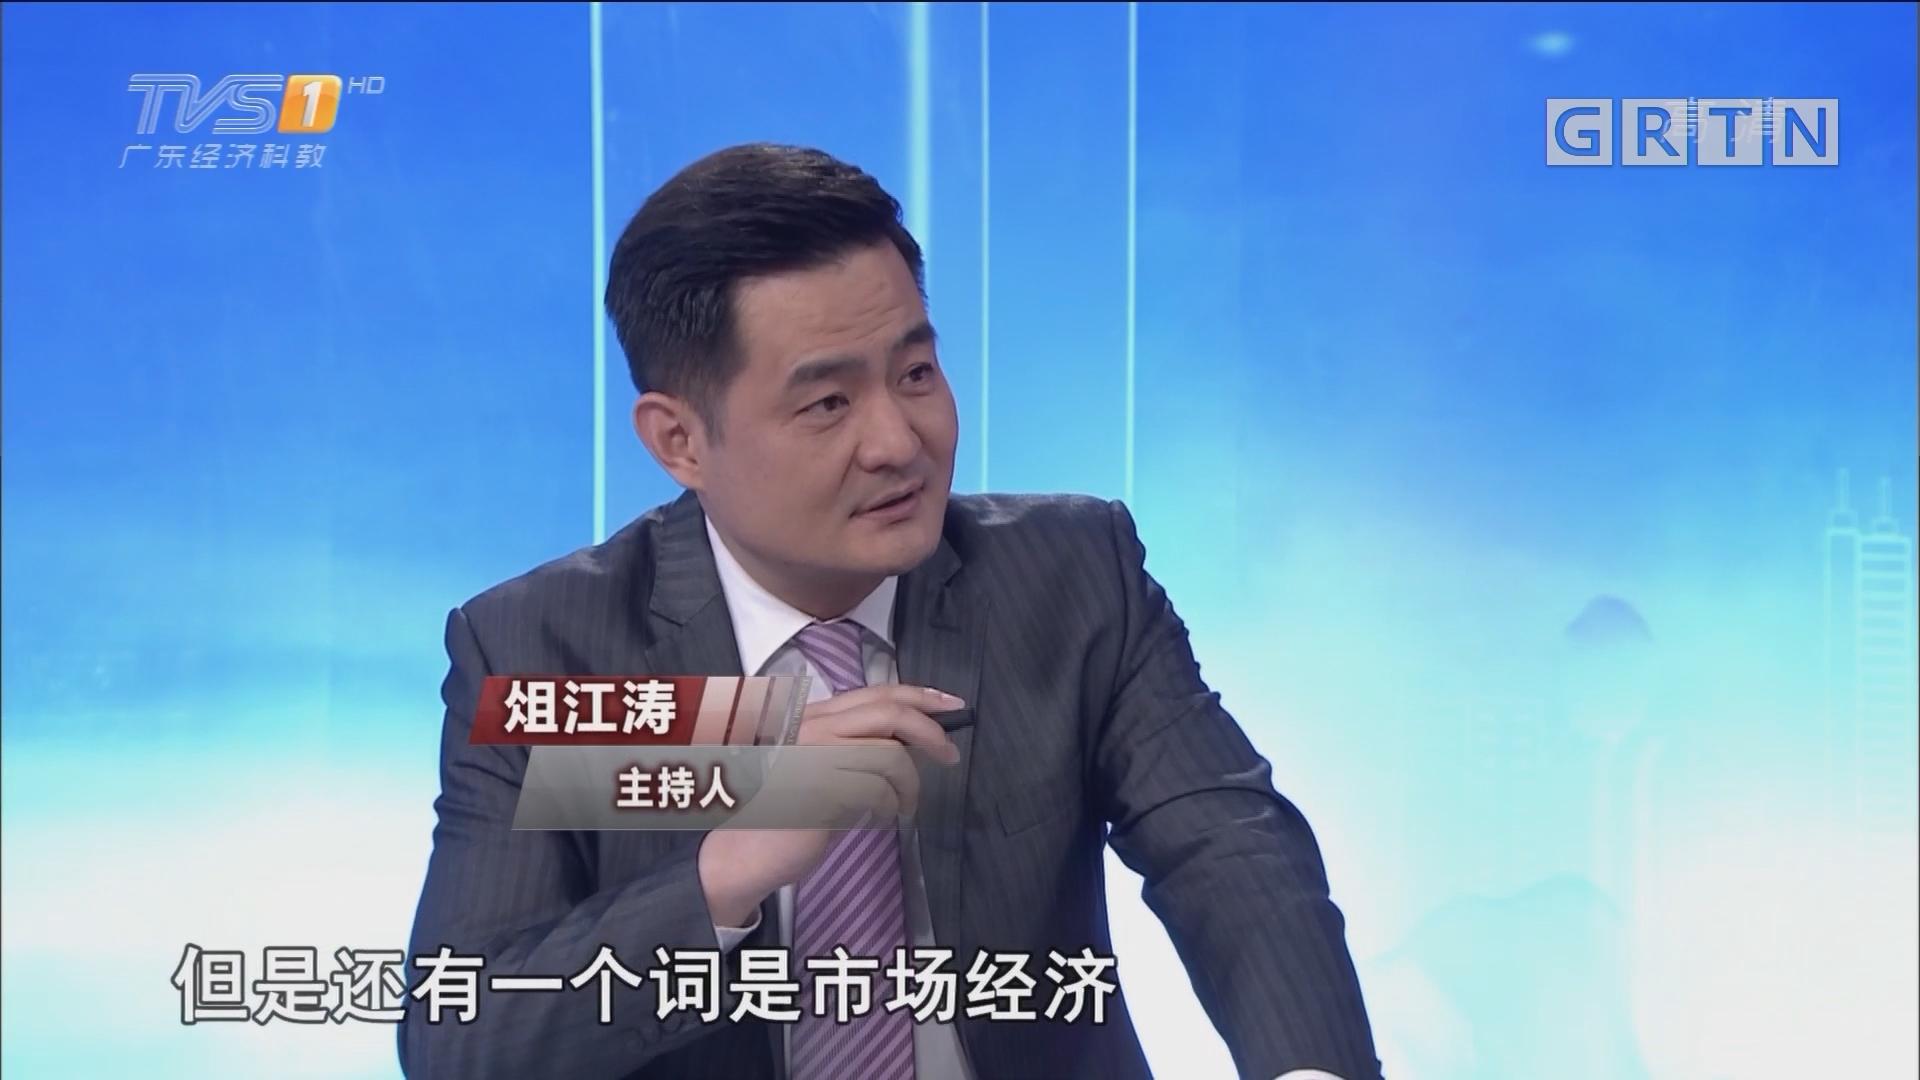 冯俏彬:关注政府工作报告 关注财税改革